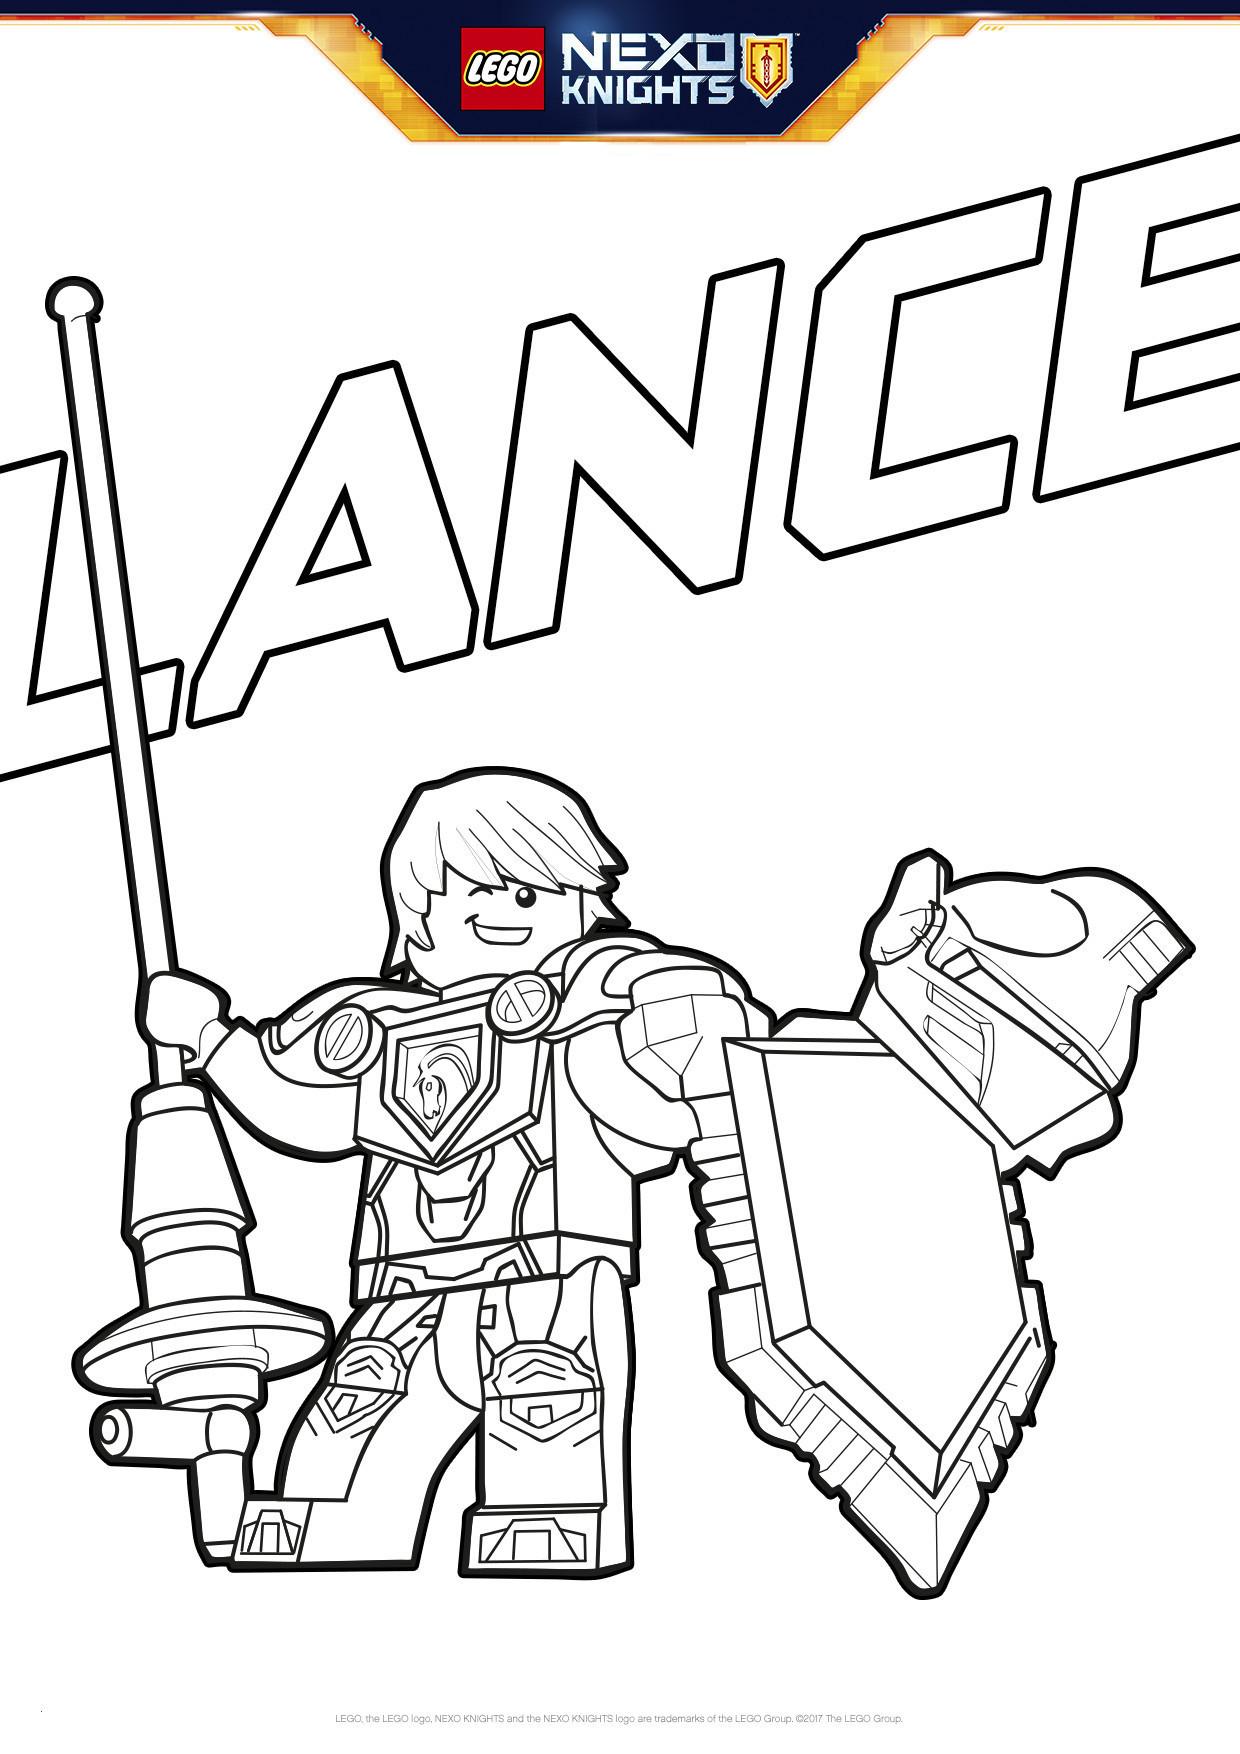 Ausmalbilder Lego Nexo Knights Neu Malvorlagen Nexo Knights Neu Energiegeladener Lance Ausmalbilder Das Bild